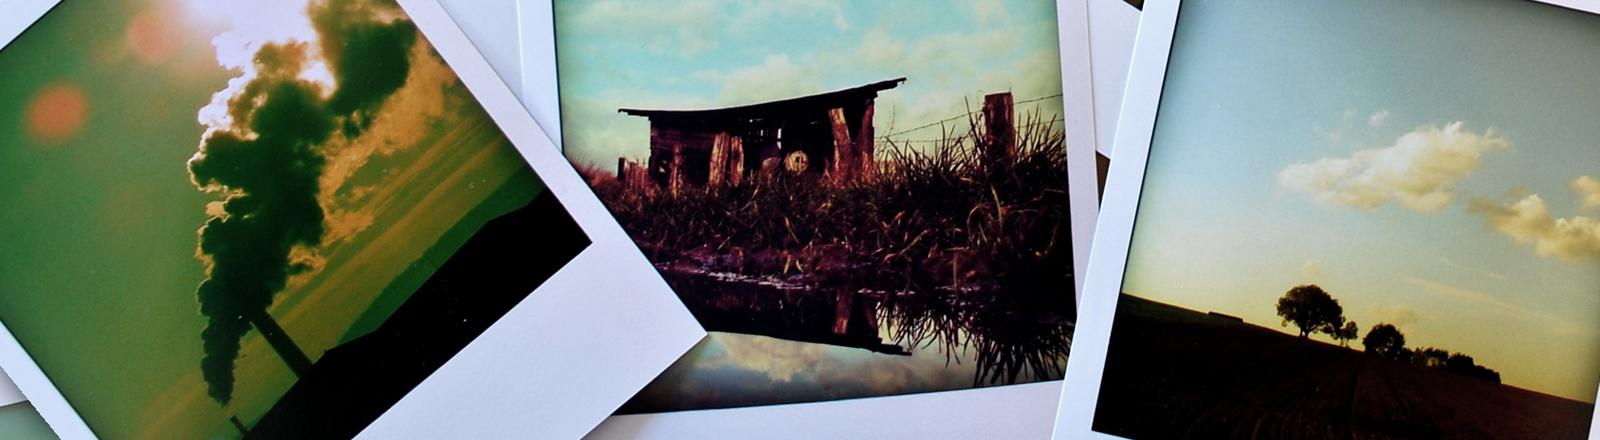 Polaroid-Fotos liegen kreuz und quer durcheinander